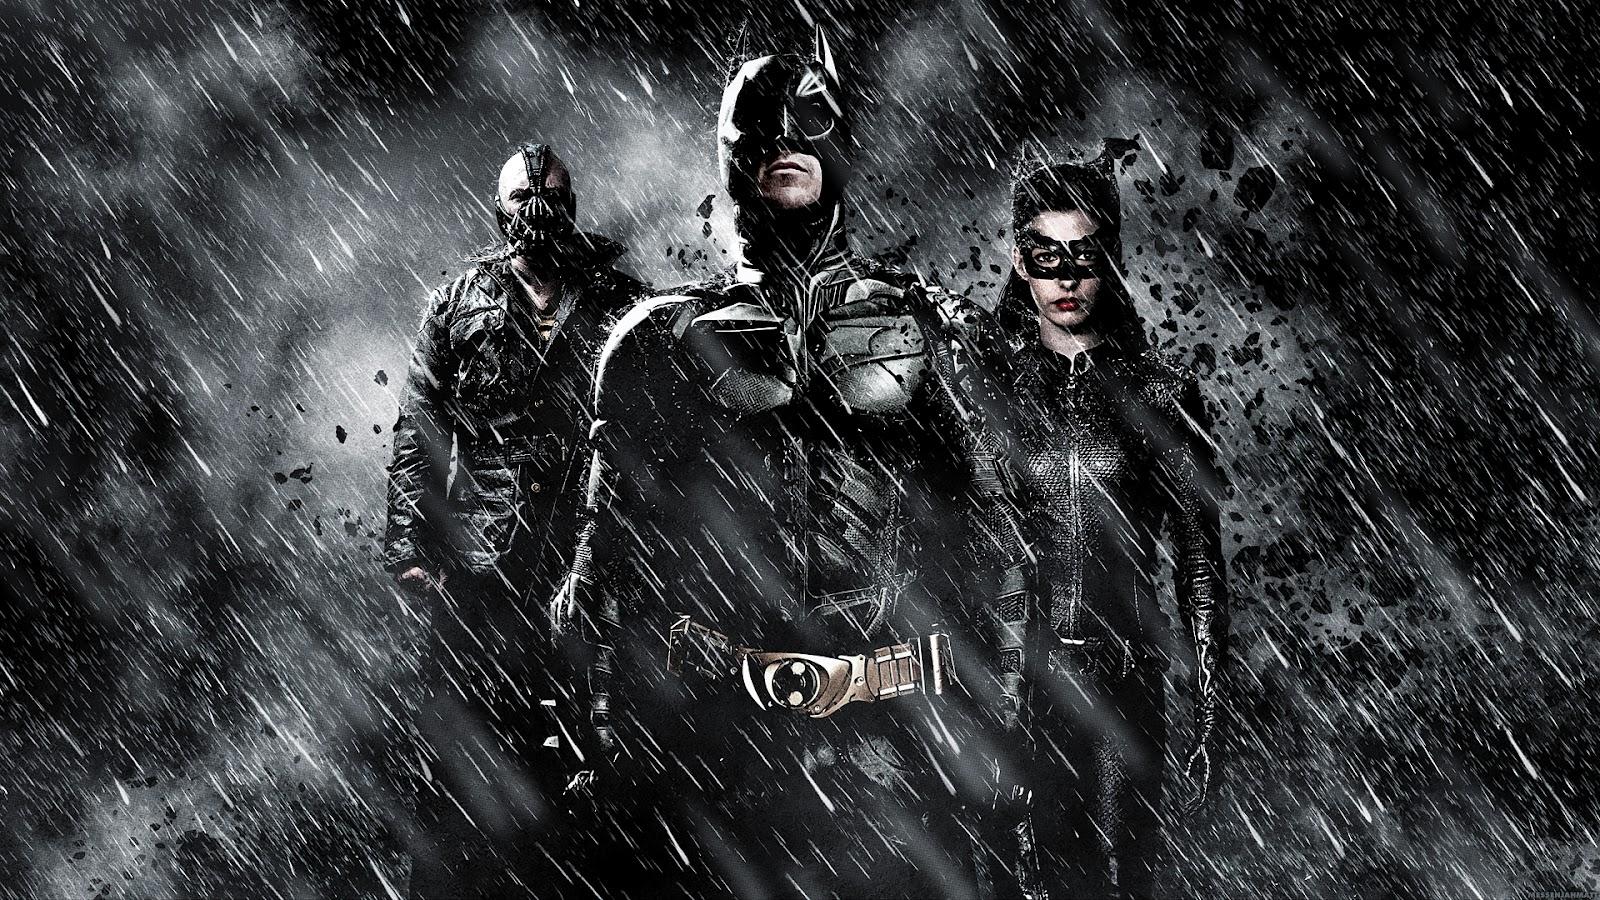 http://1.bp.blogspot.com/-v9oIPpLTXPE/UCeX-RUqpmI/AAAAAAAADL4/Ry5F3TIZPvA/s1600/the_dark_knight_rises_movie-HD.jpg